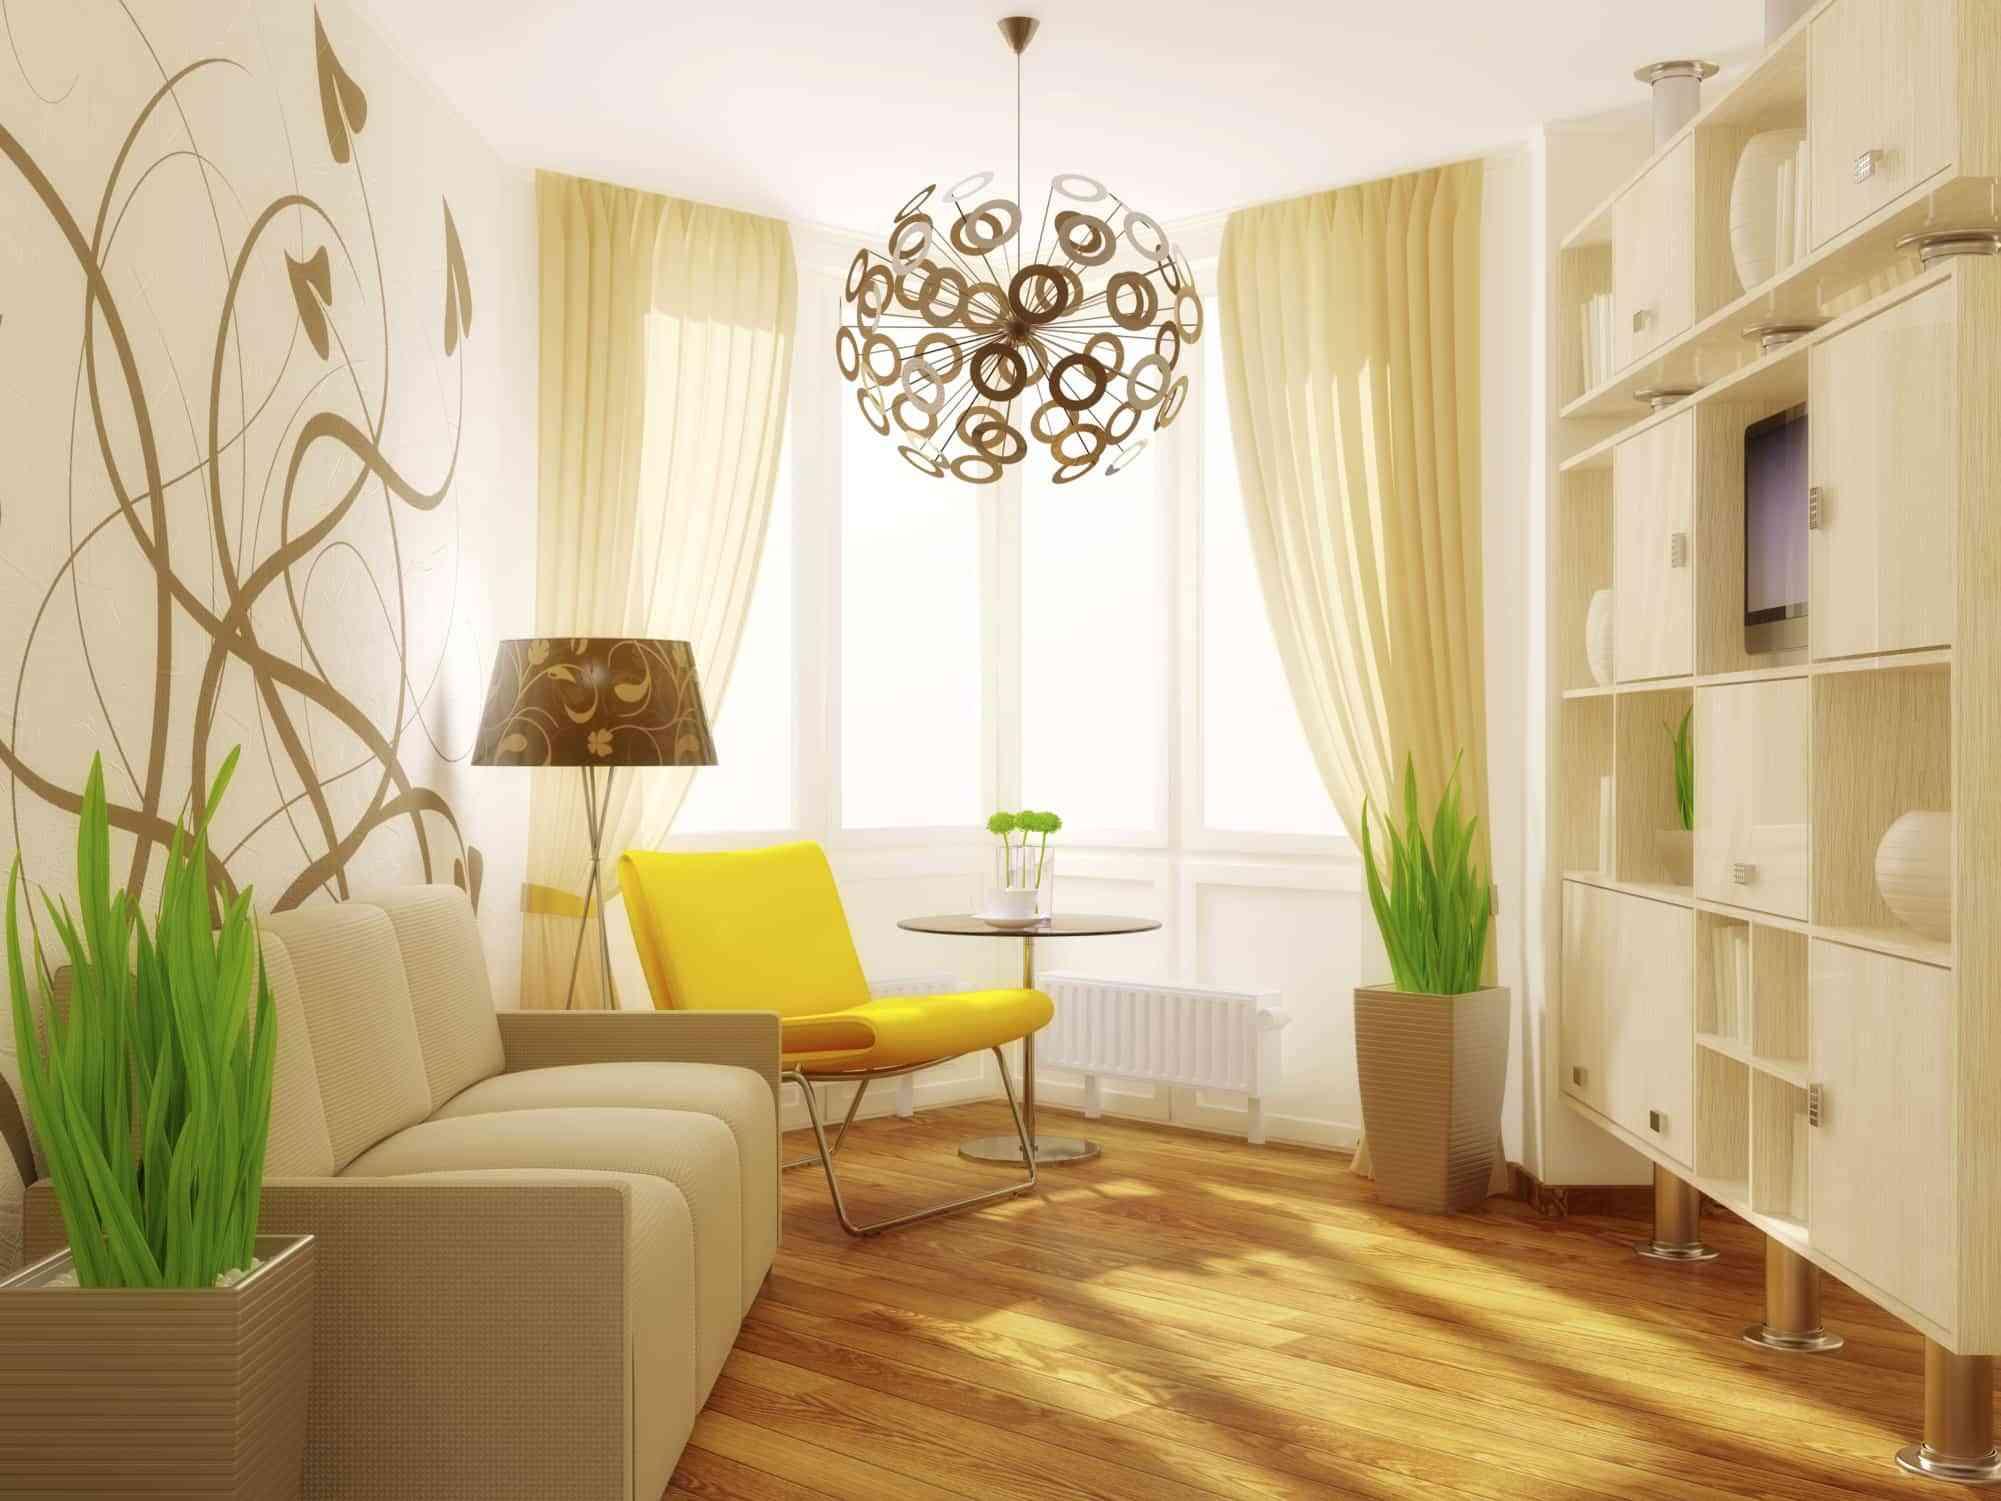 Los 10 mandamientos que apliqué para aprender a decorar mi casa